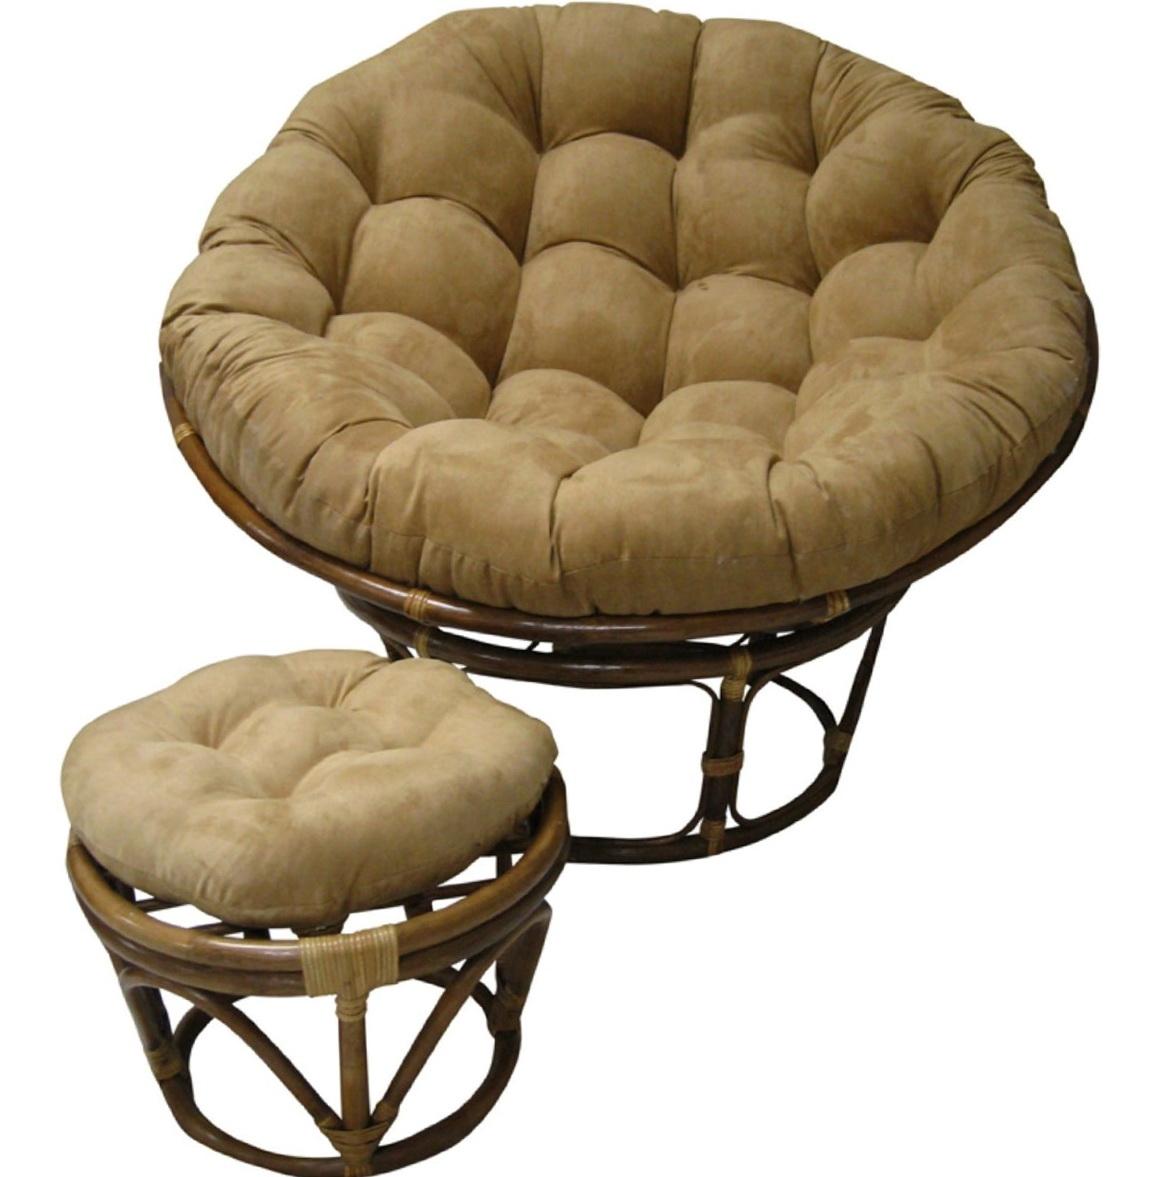 wicker chair seat cushion covers cover hire scotland rattan cushions home design ideas